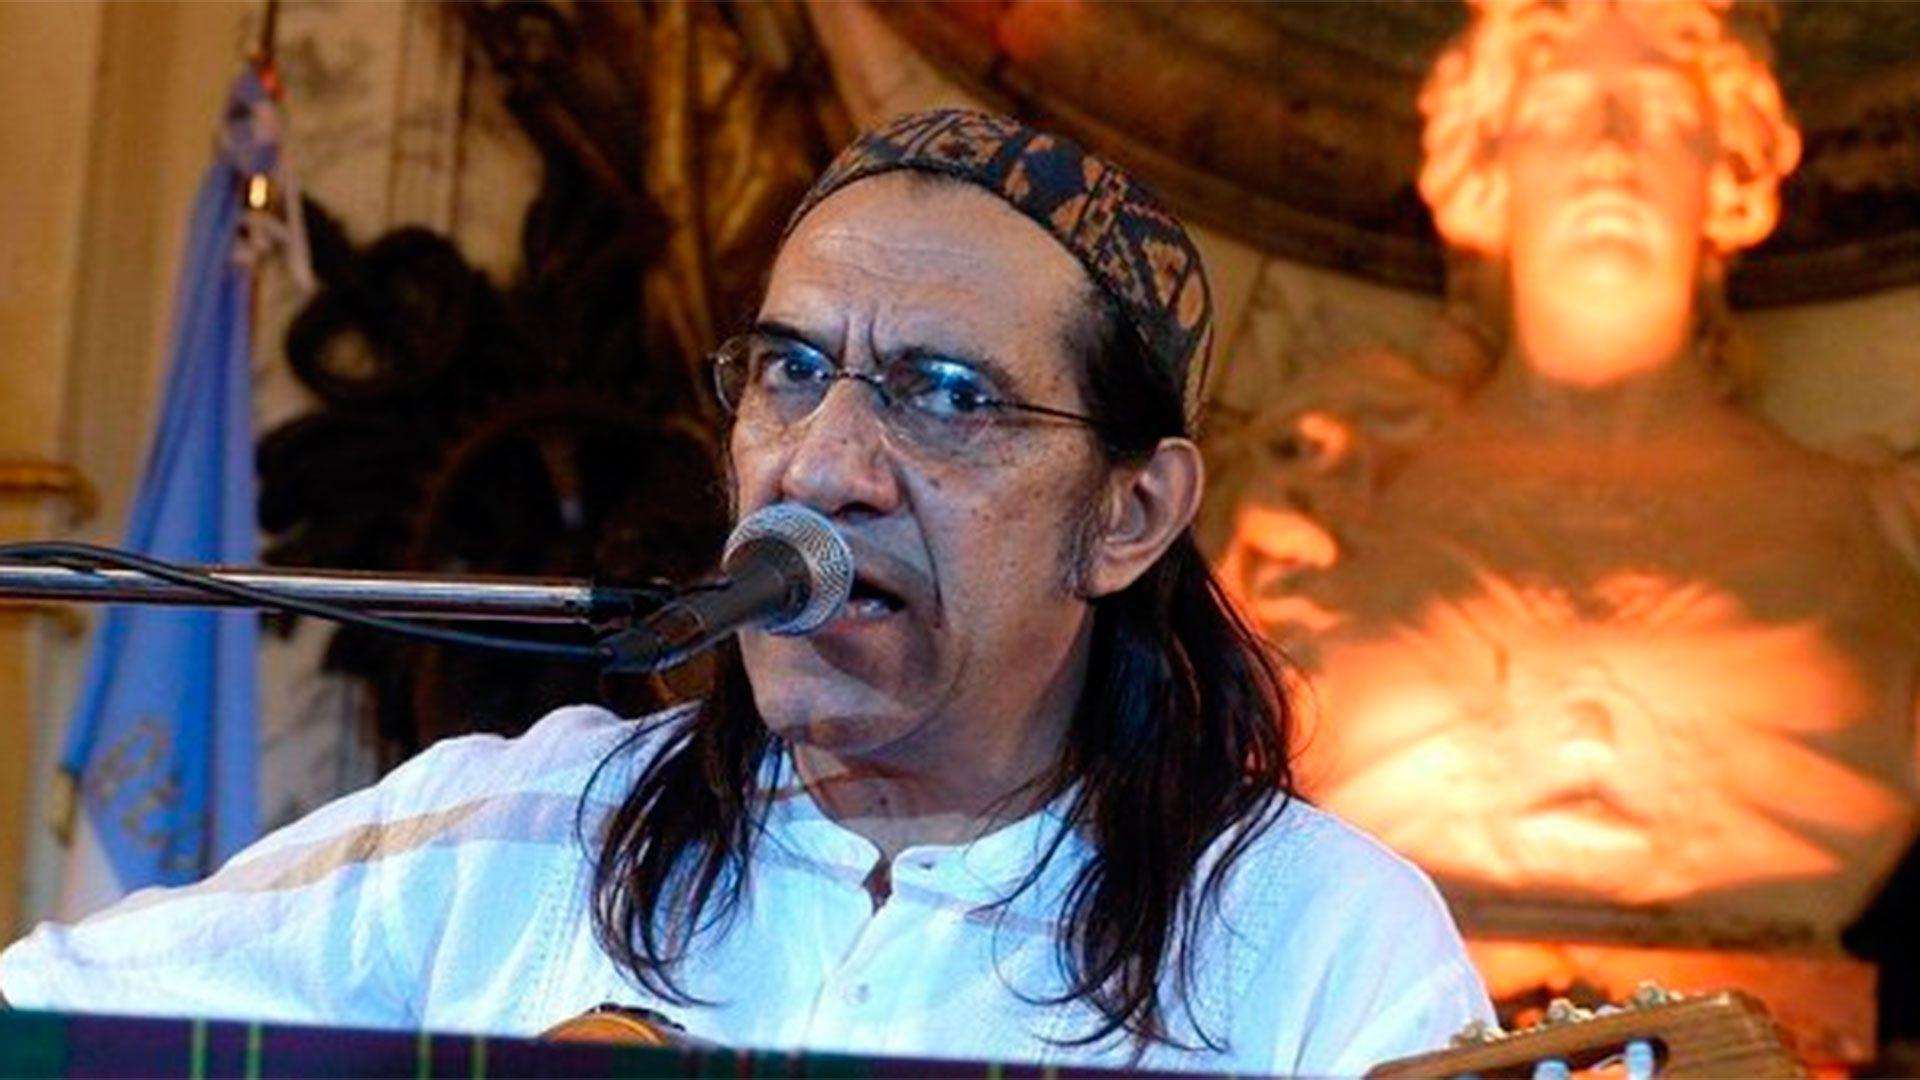 Con el álbum Fontova-2004-NEGRO obtuvo el Premio Carlos Gardel 2005 en el rubro Mejor Álbum Artista Canción Testimonial